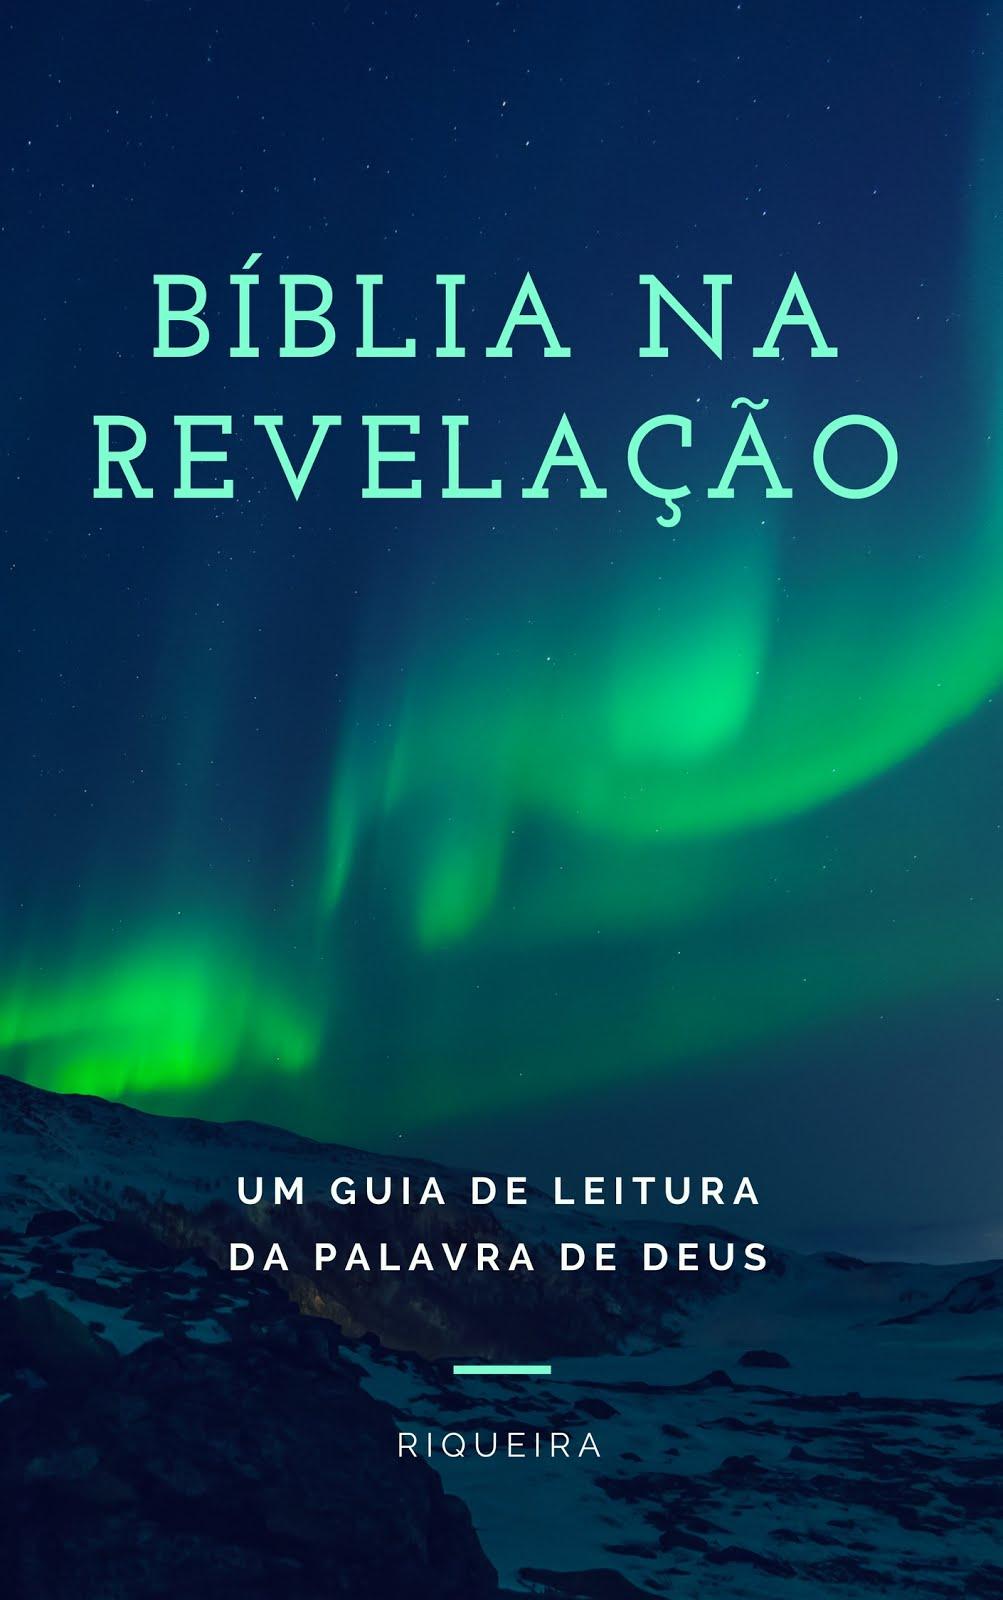 BÍBLIA NA REVELAÇÃO